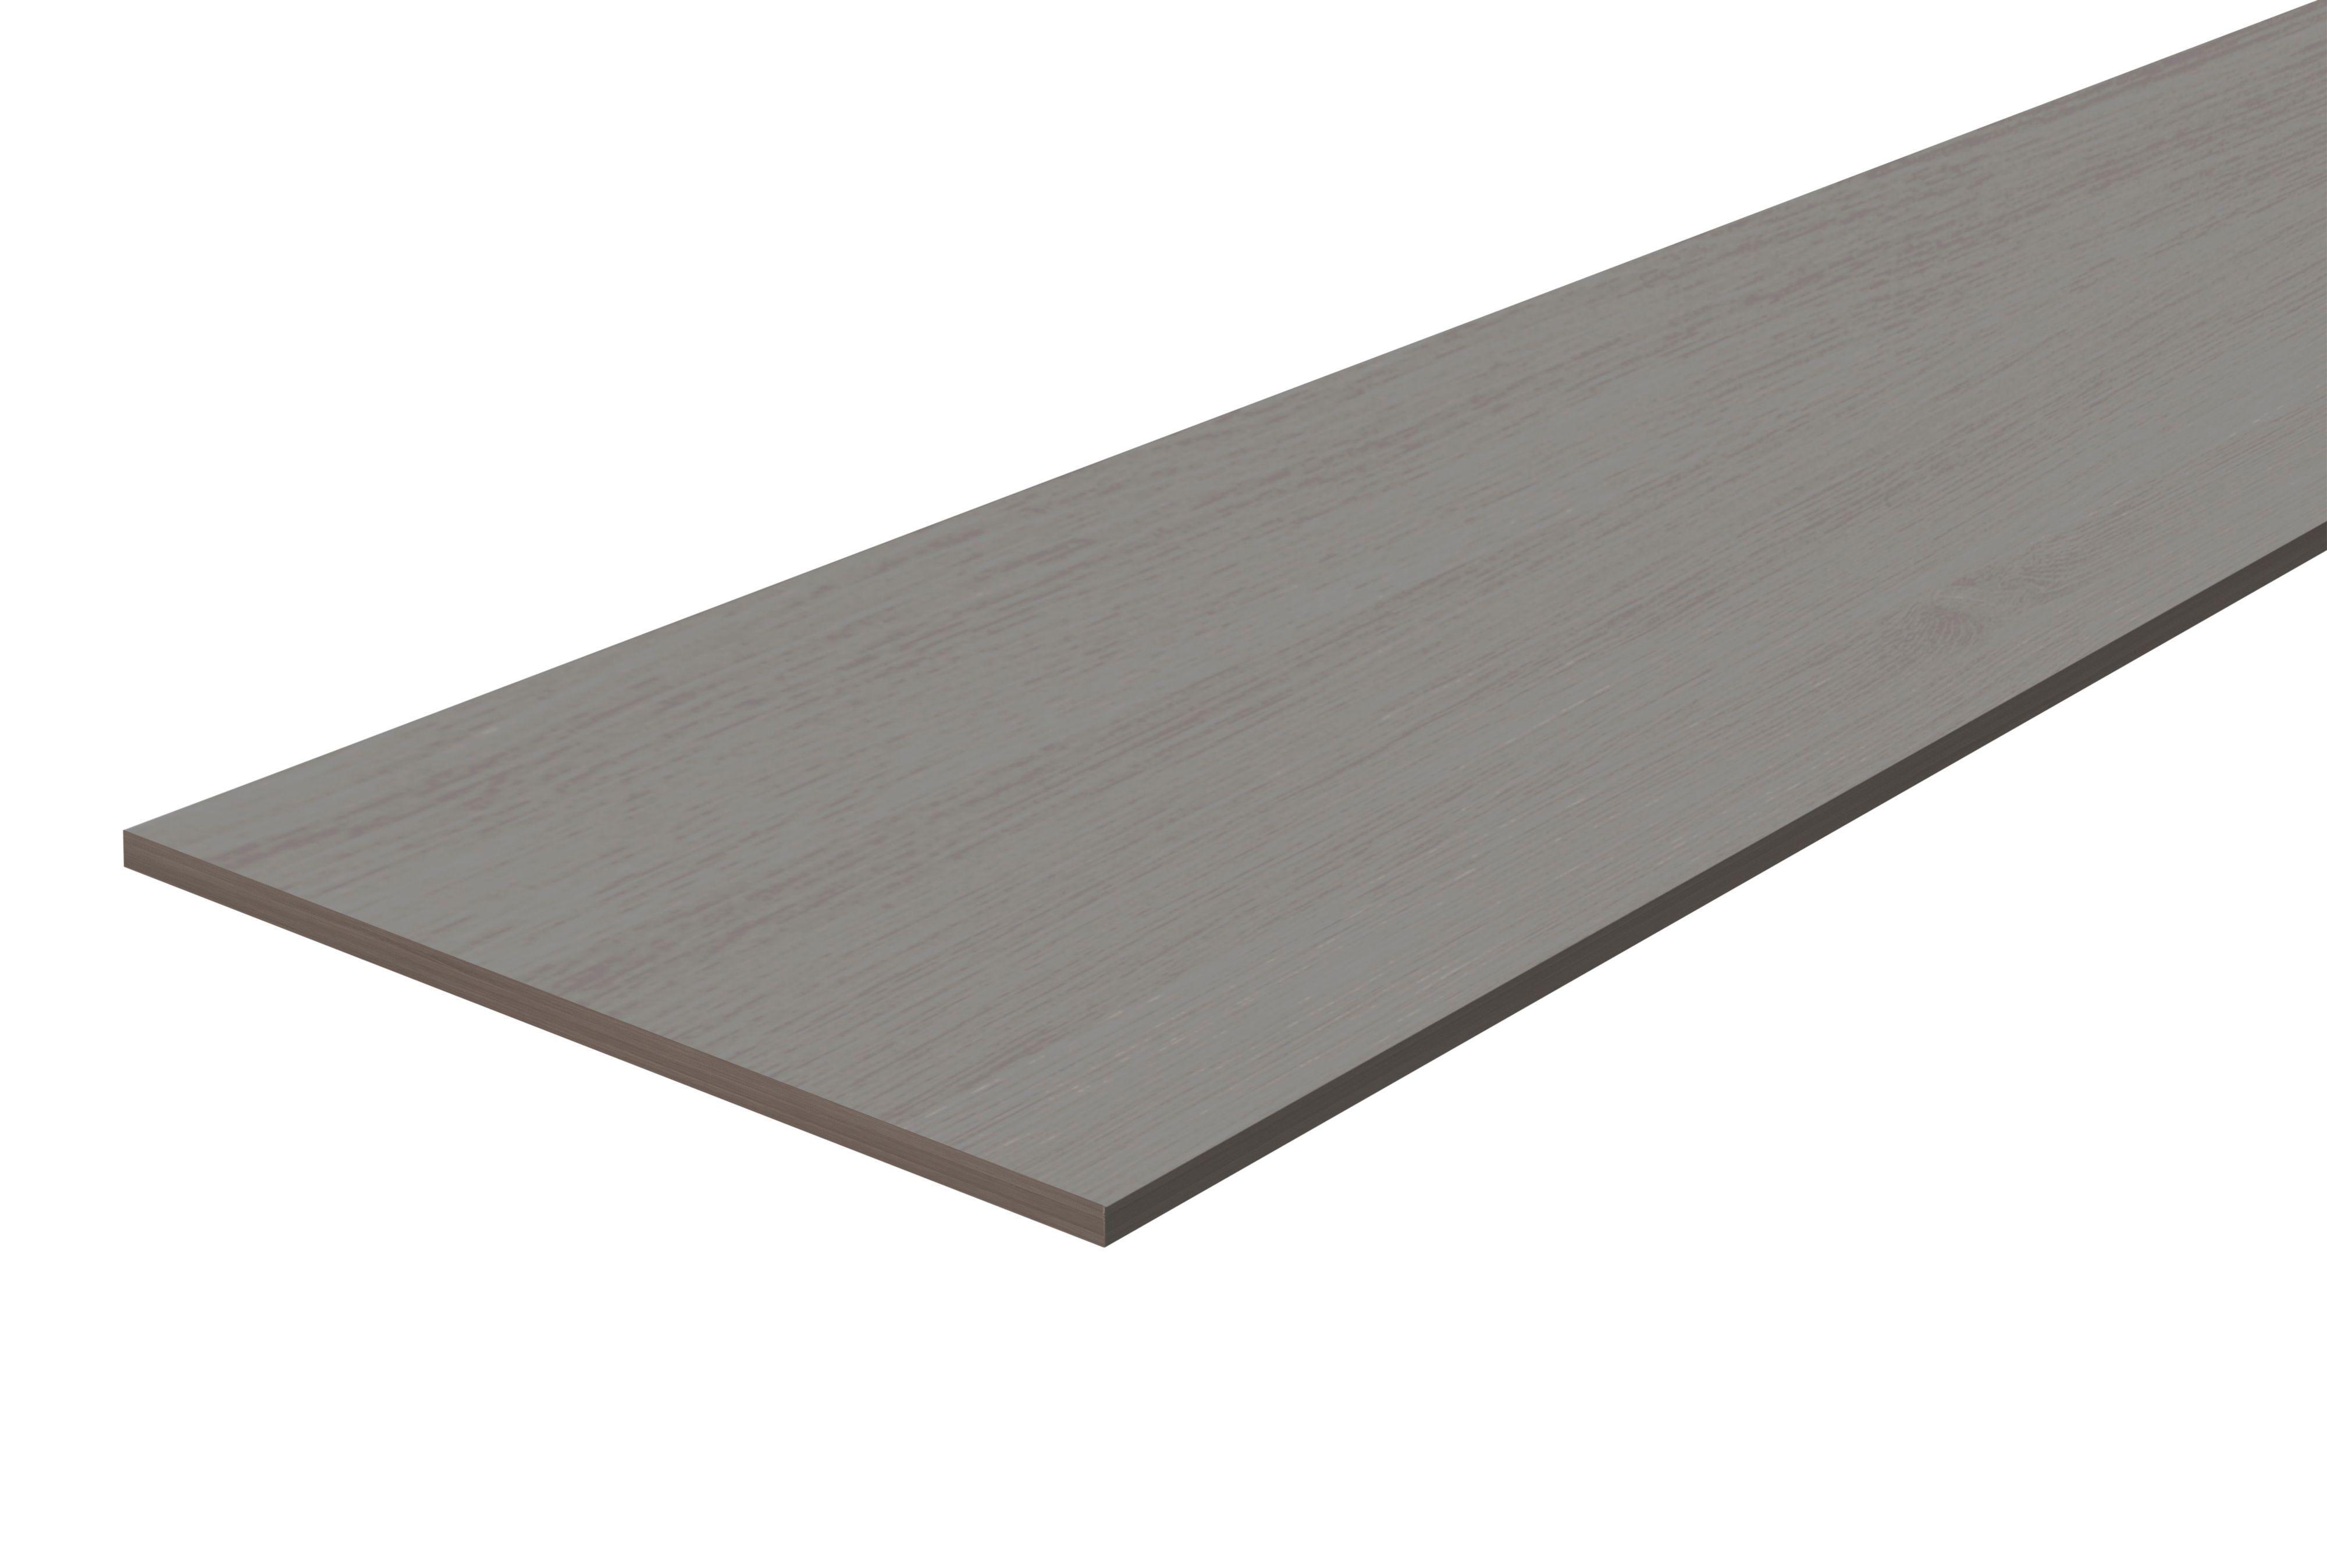 Furniture panel Grey (L)800mm (W)400mm (T)18mm